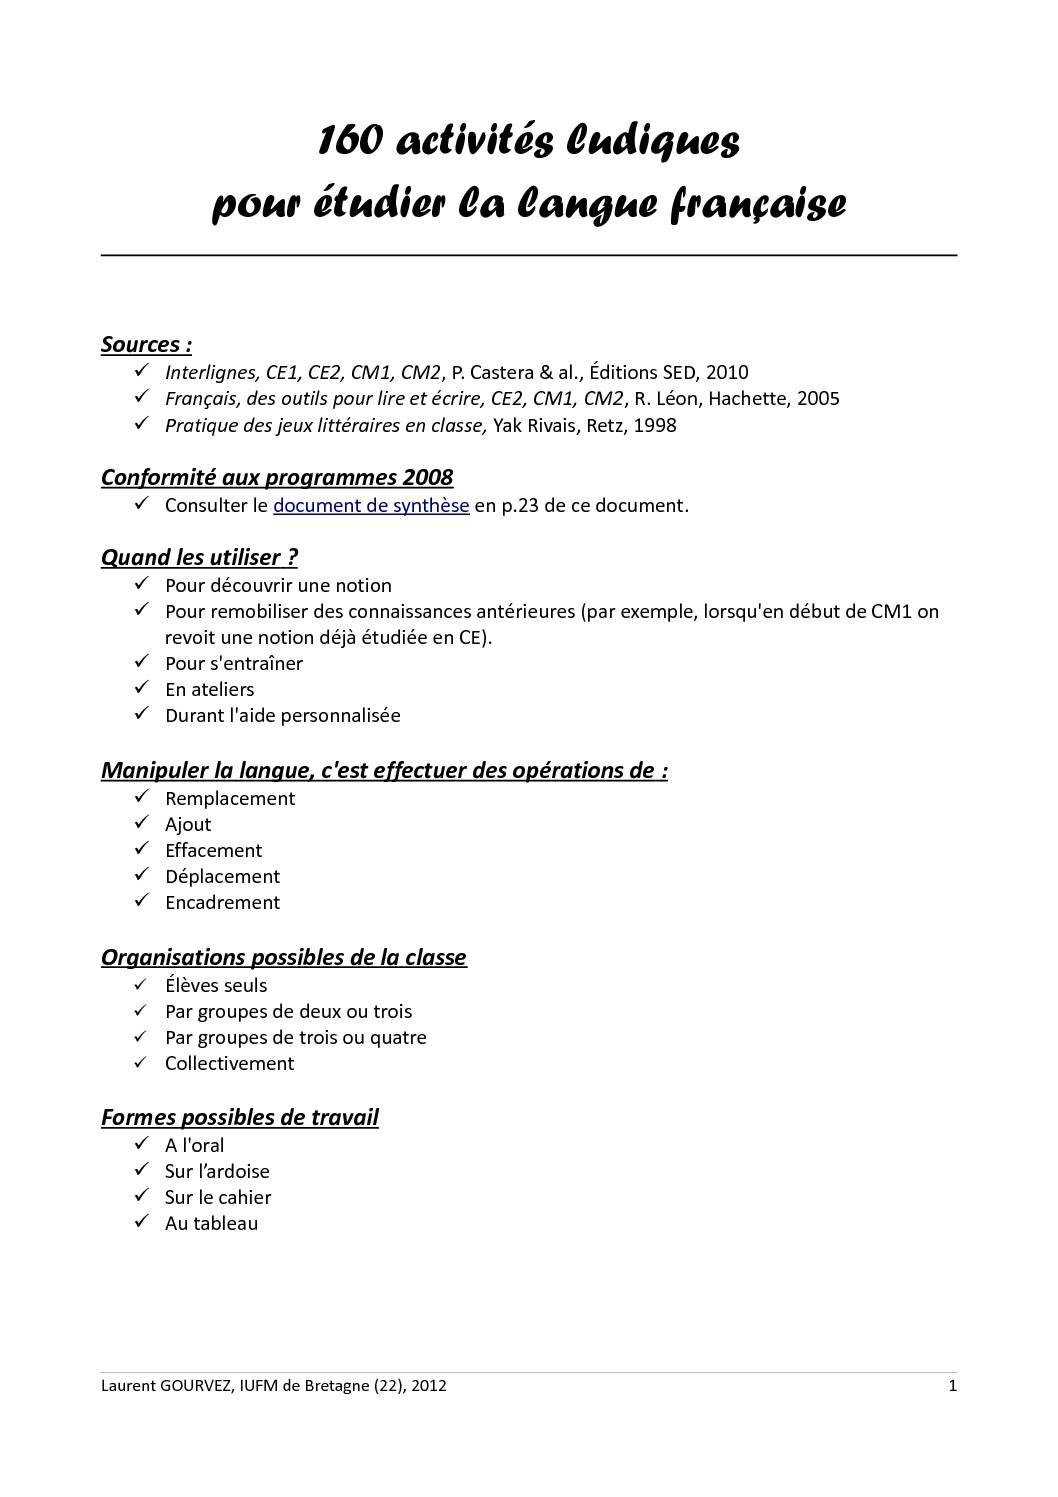 160 activités ludiques pour étudier la langue française